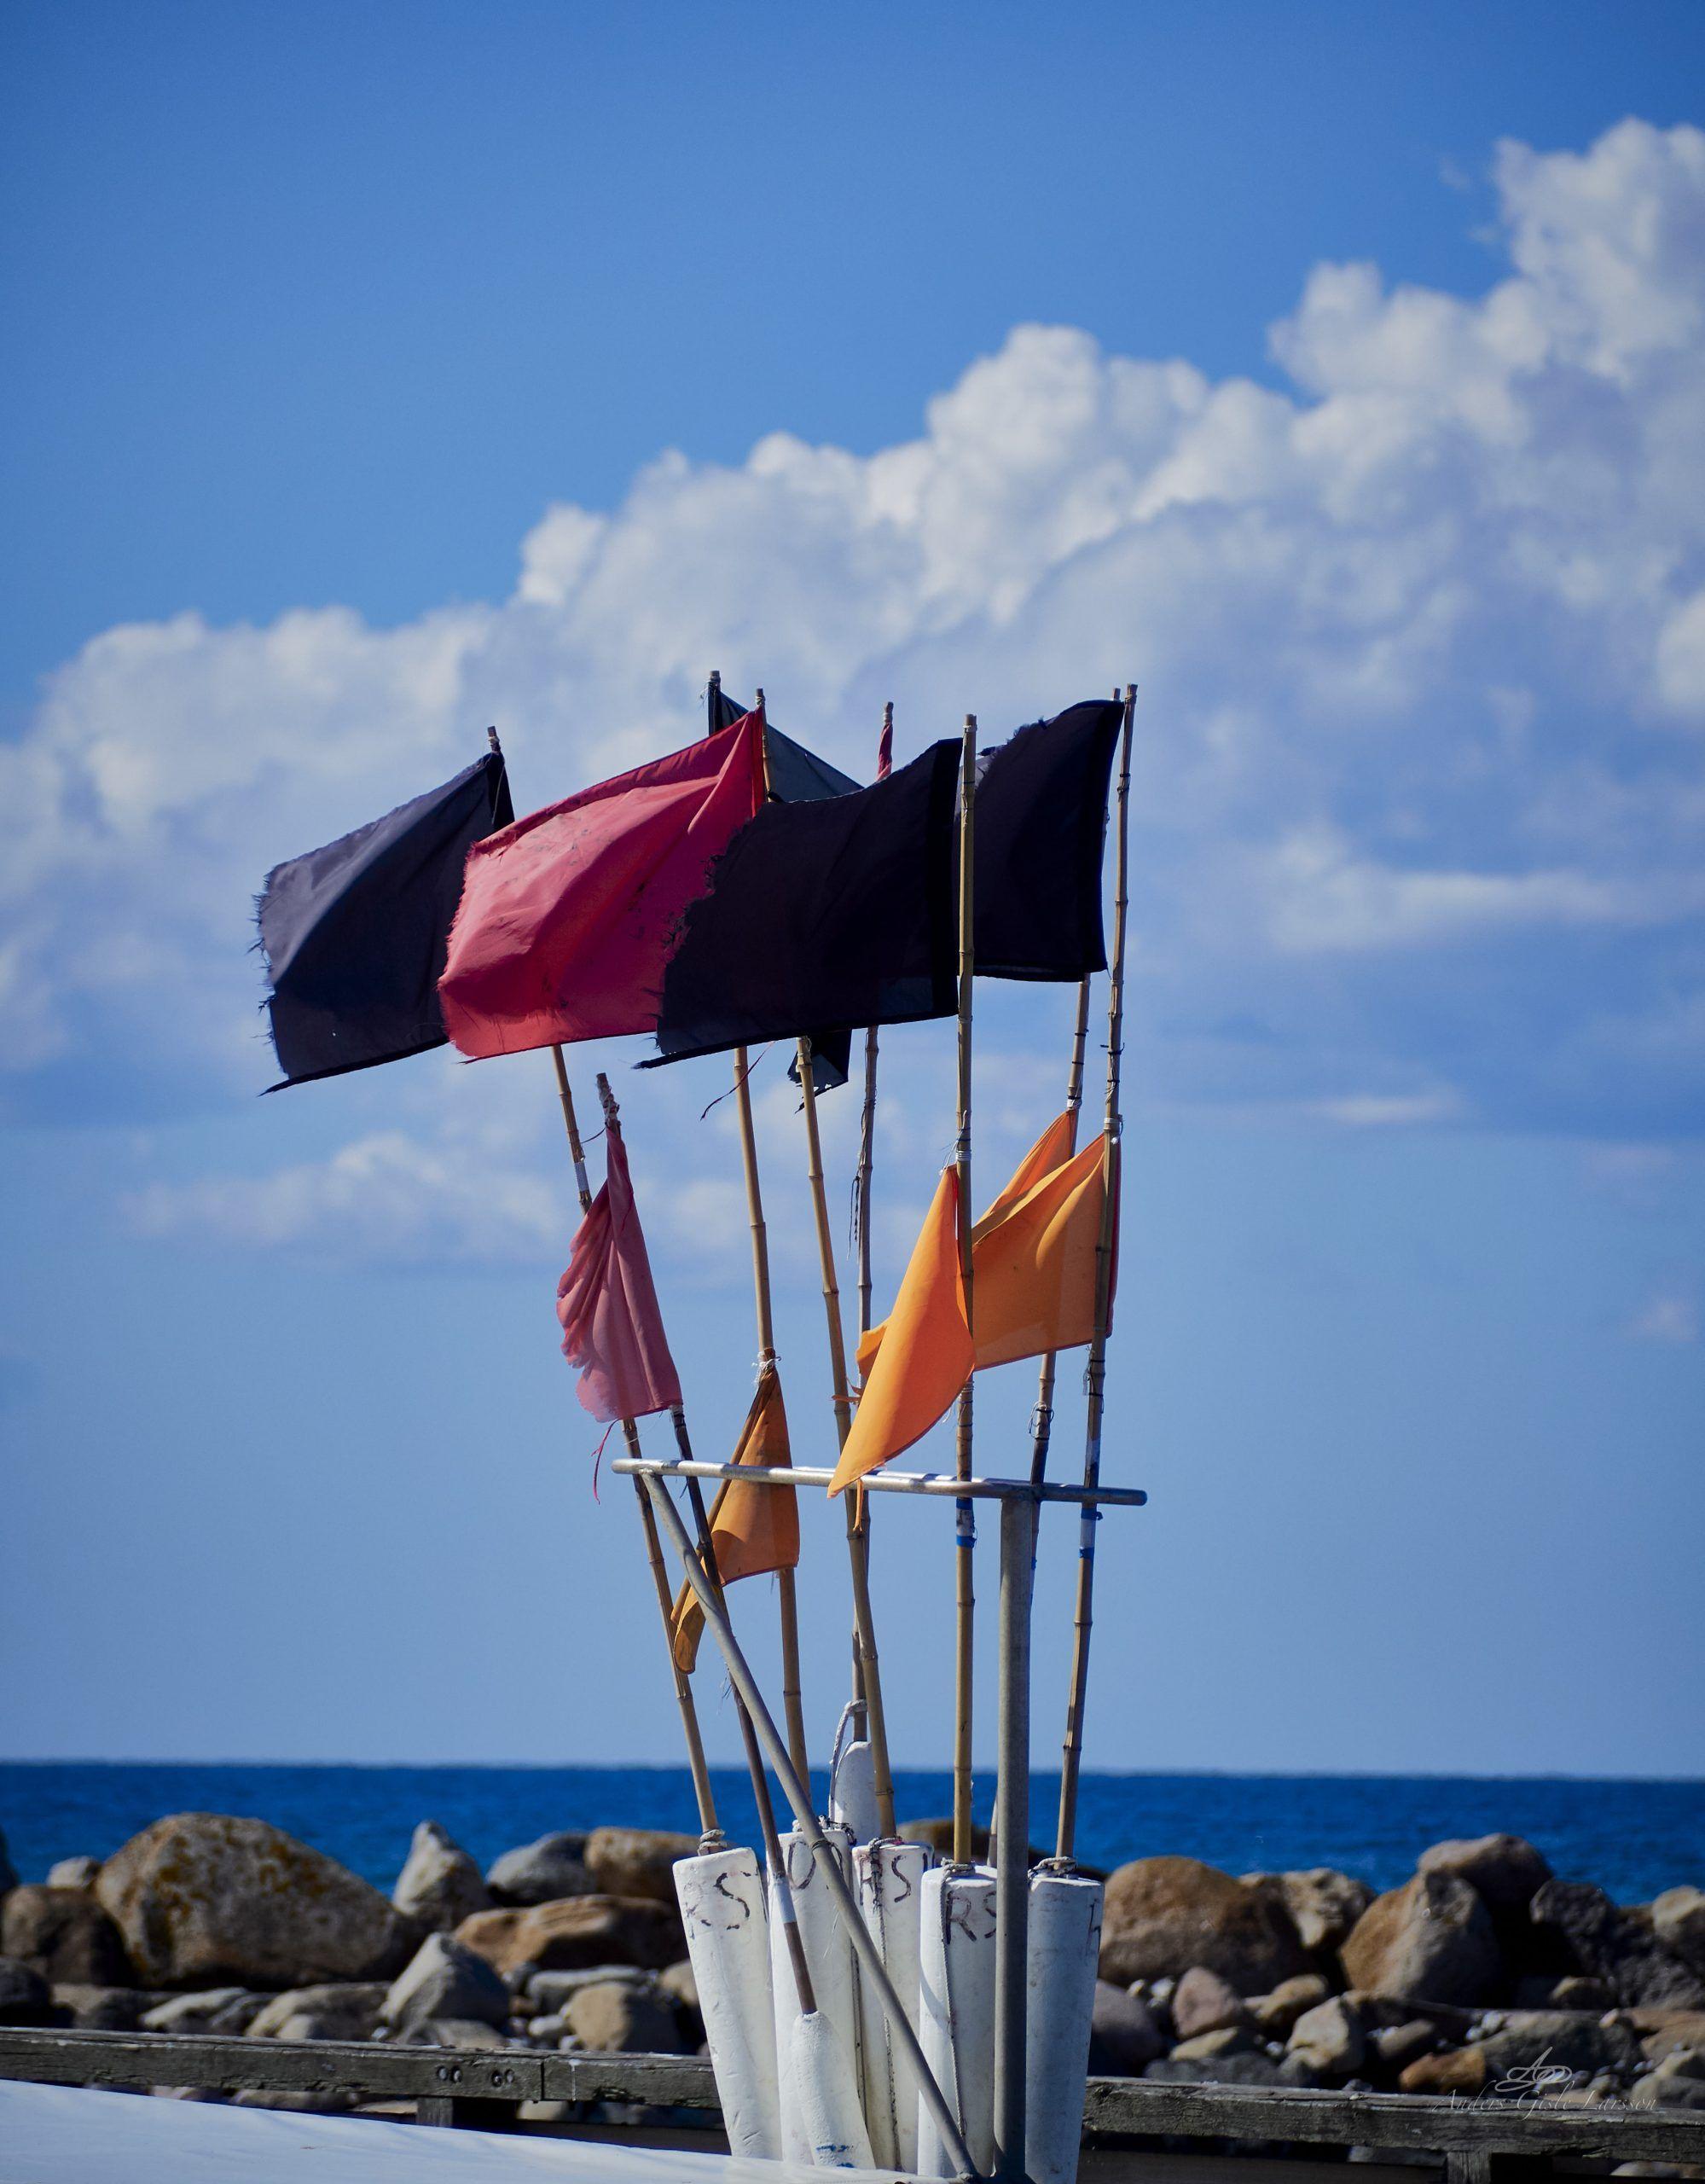 Fisker flag, Uge 19, Bønnerup Havn, Grenå